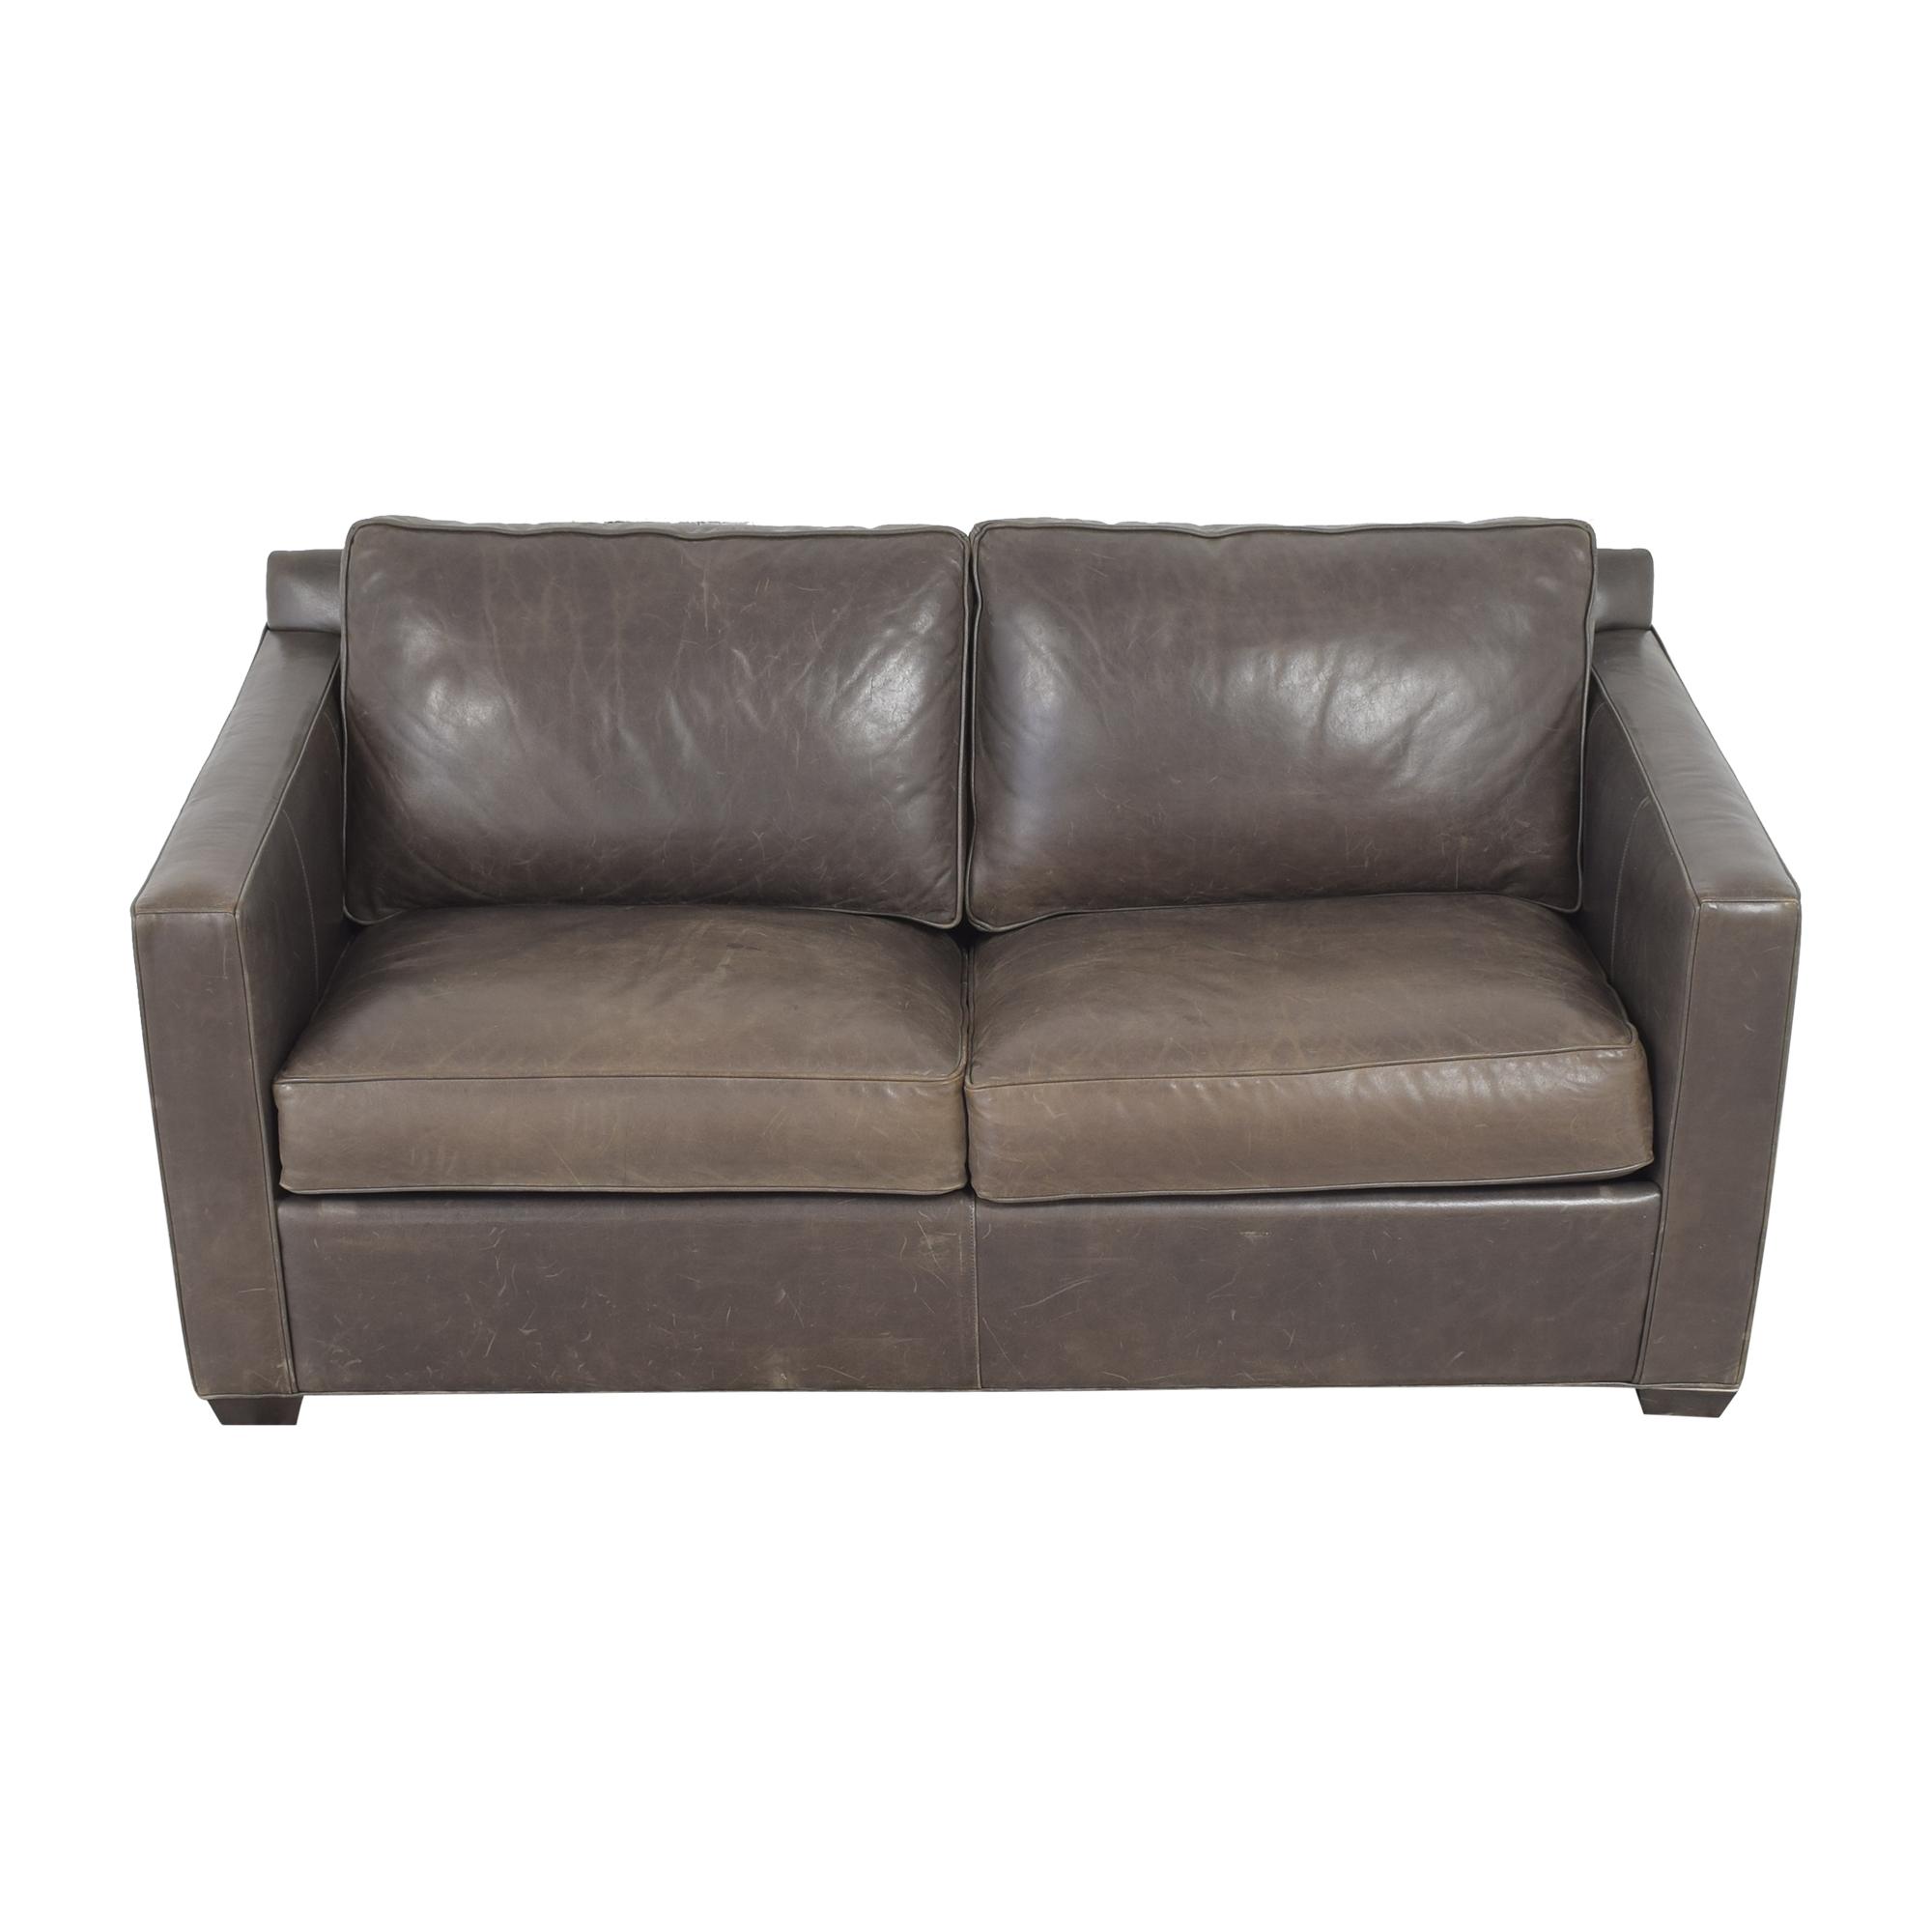 buy Crate & Barrel Barrett Queen Sleeper Sofa Crate & Barrel